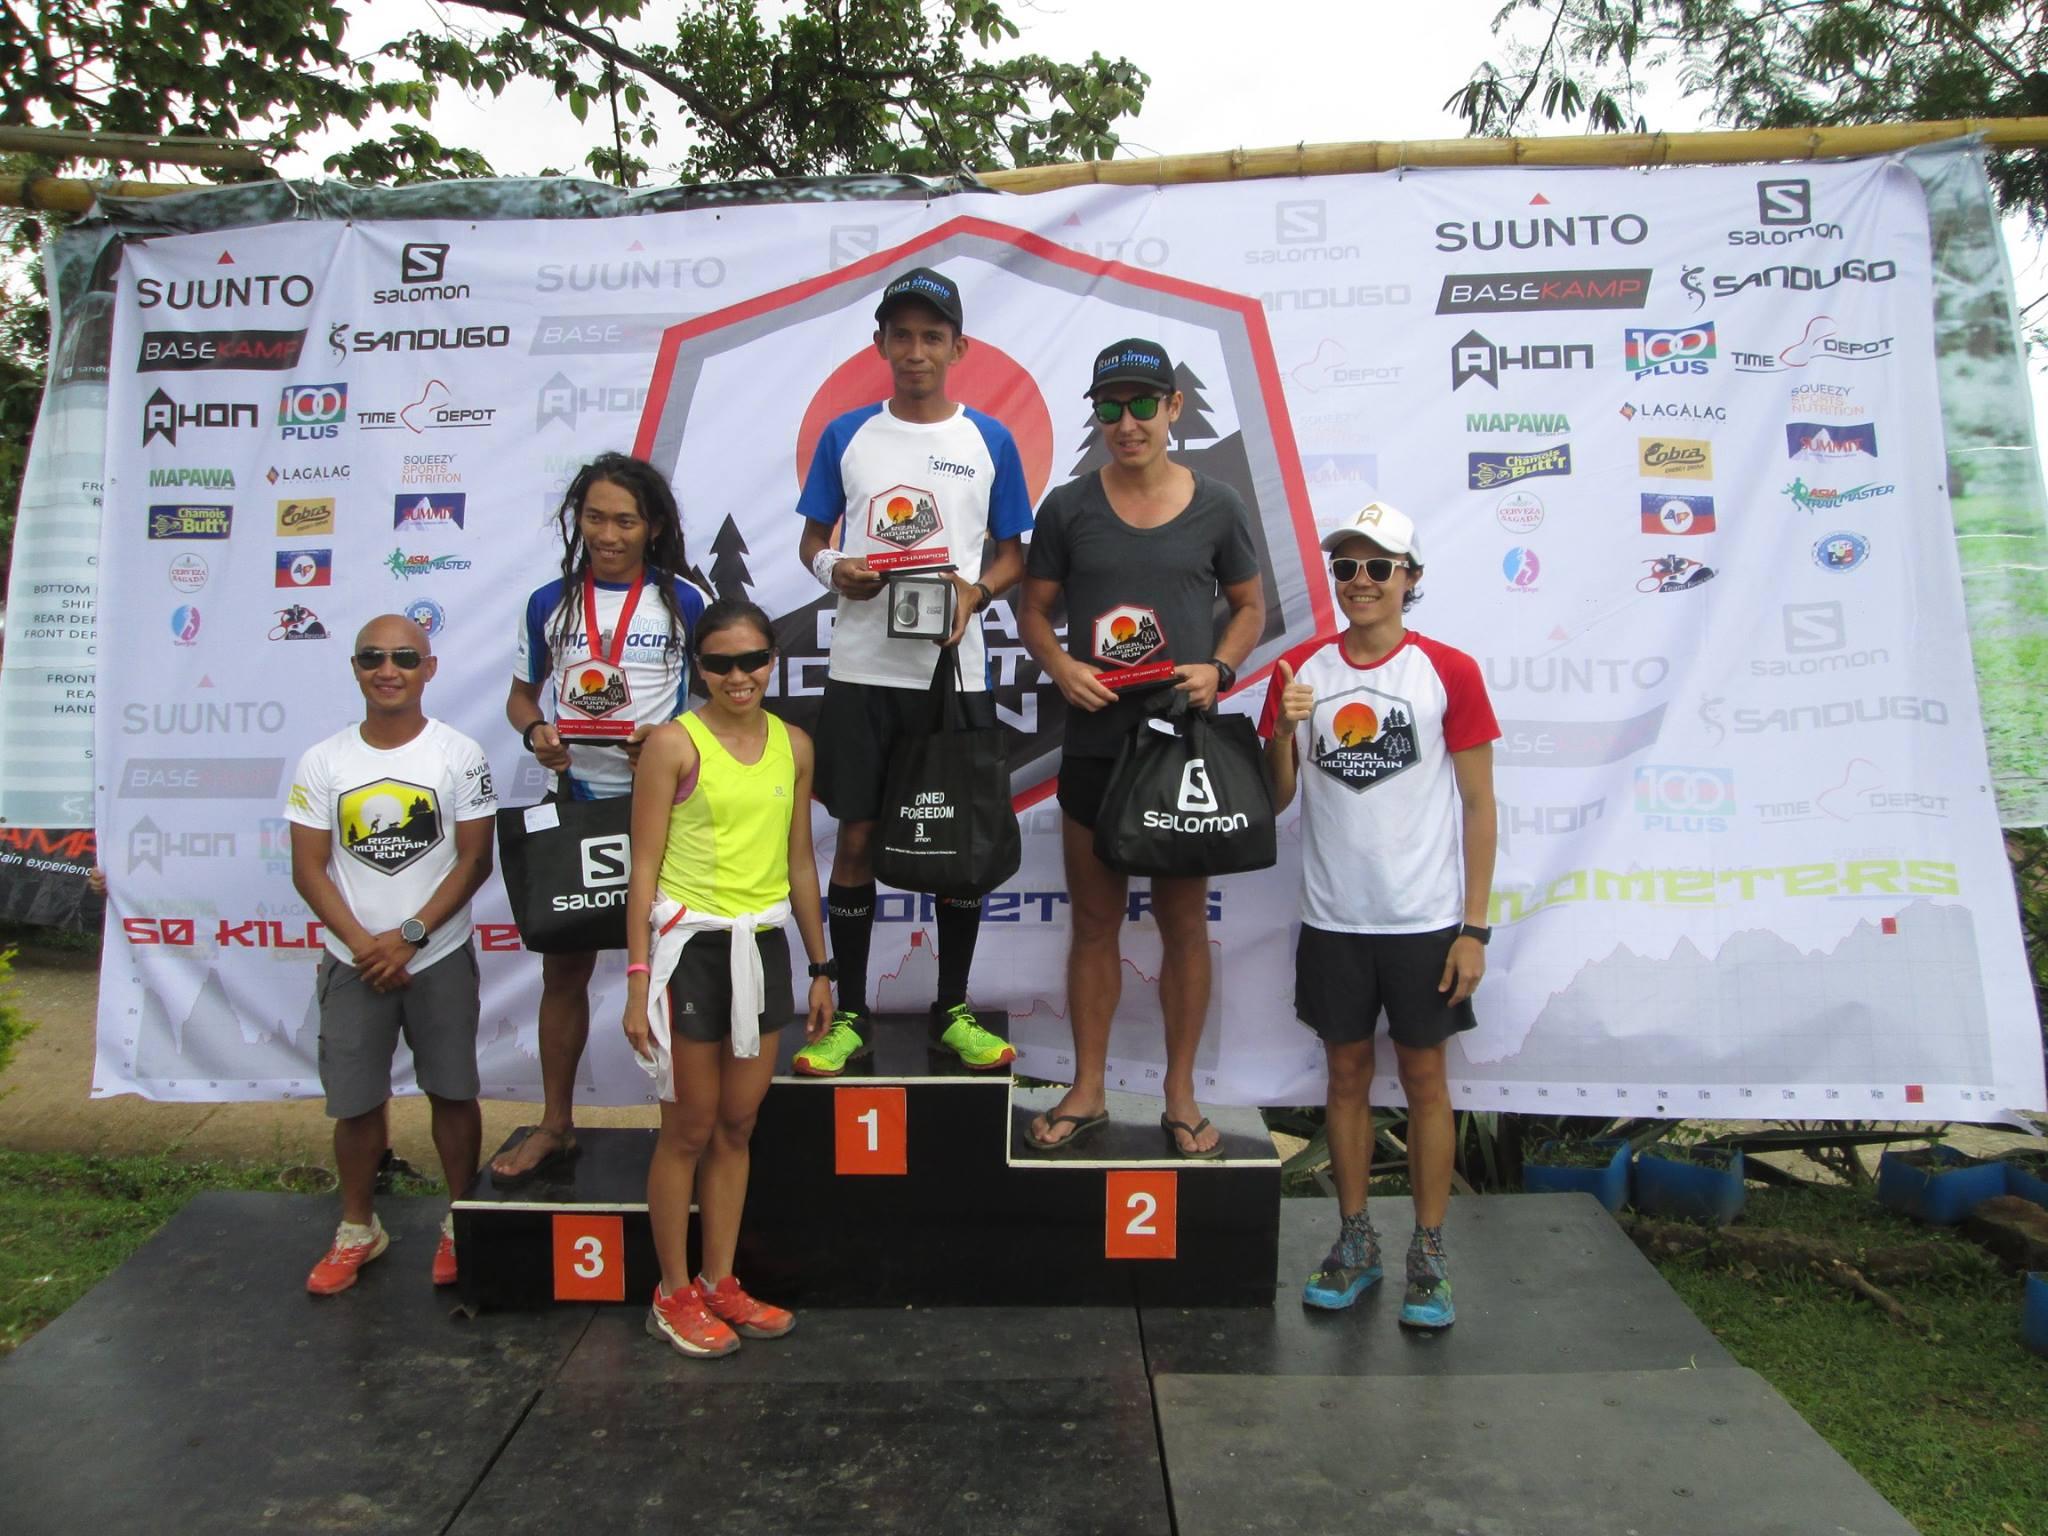 The men's podium.  Credit: D. Salongo dela Cruz